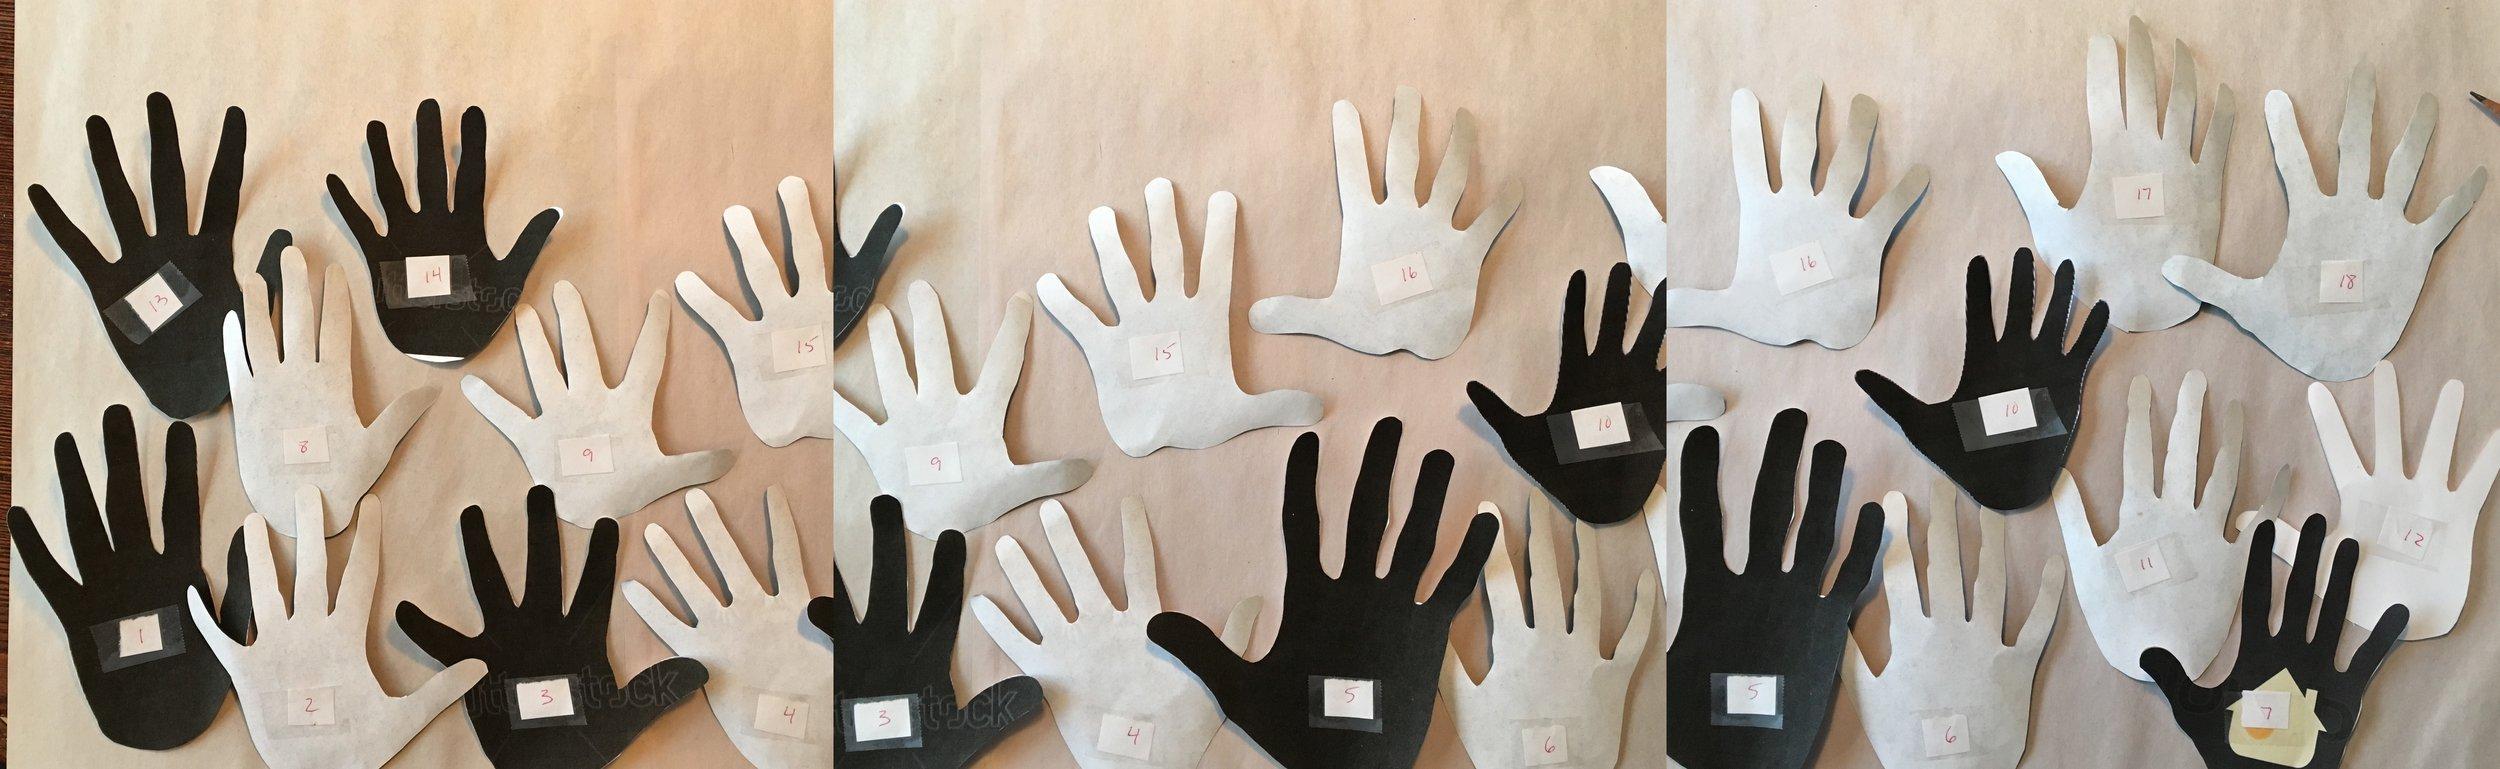 hands layout.jpg